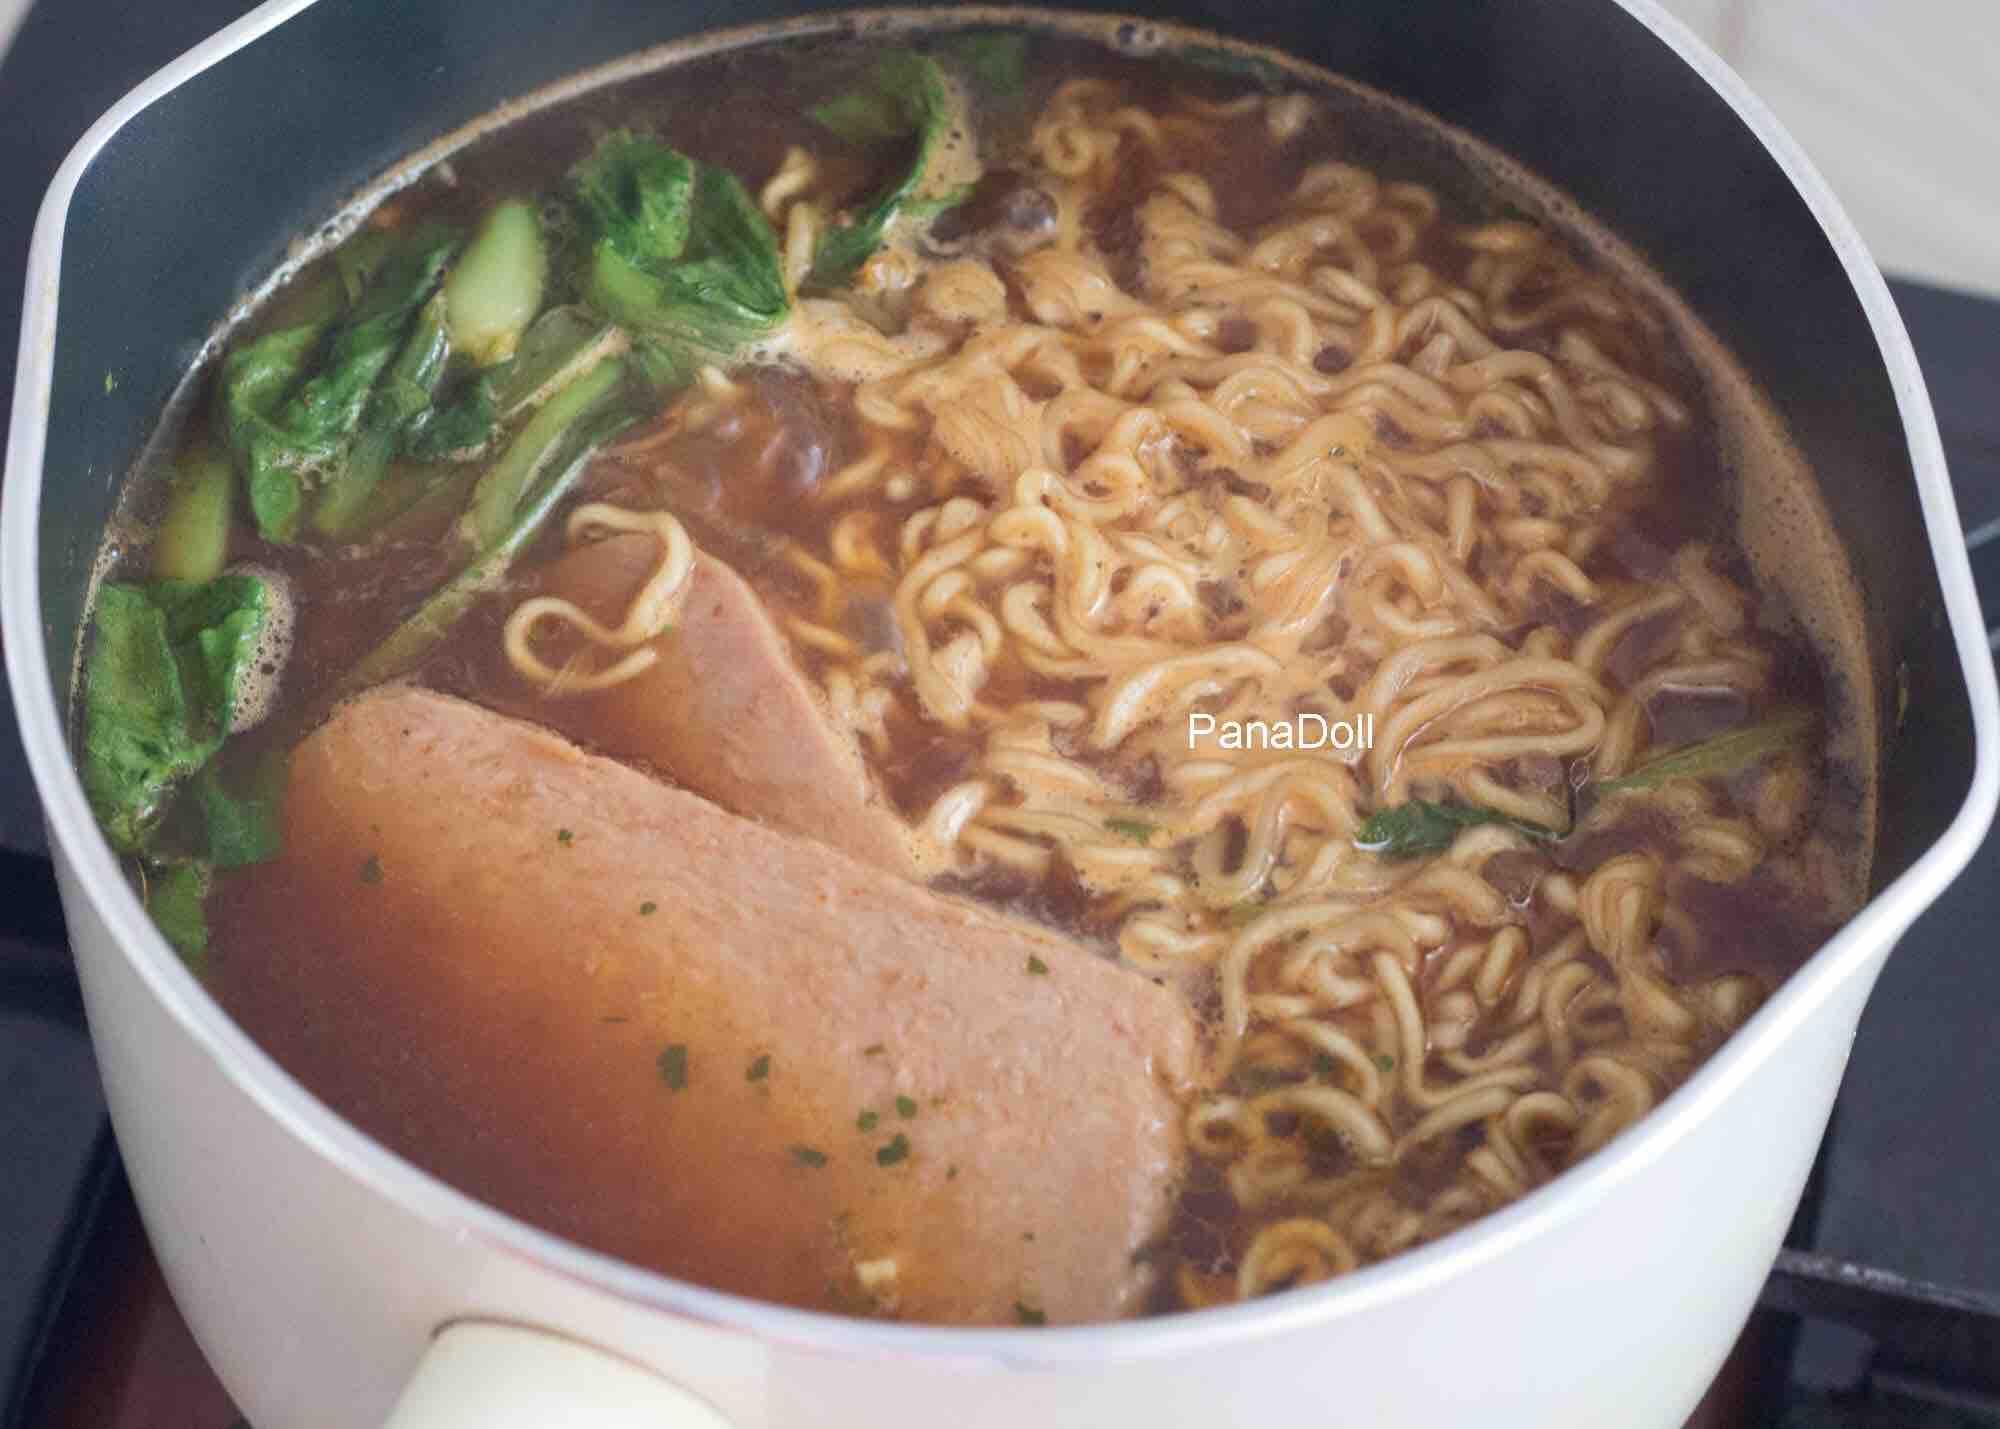 这锅芝士面有肉有菜有主食,大满足!的家常做法